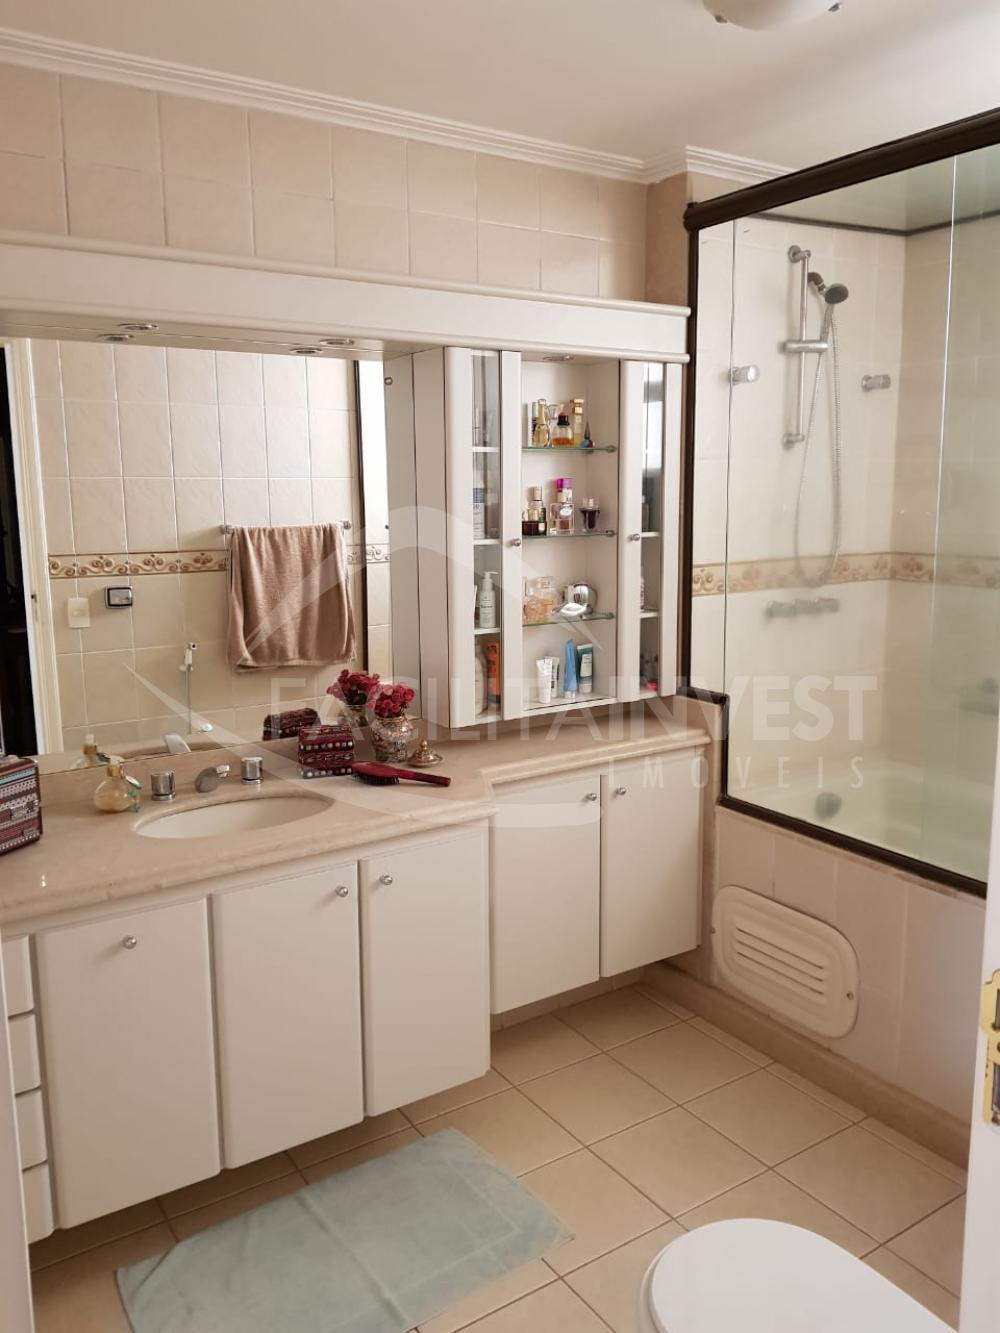 Comprar Apartamentos / Apart. Padrão em Ribeirão Preto apenas R$ 1.000.000,00 - Foto 19